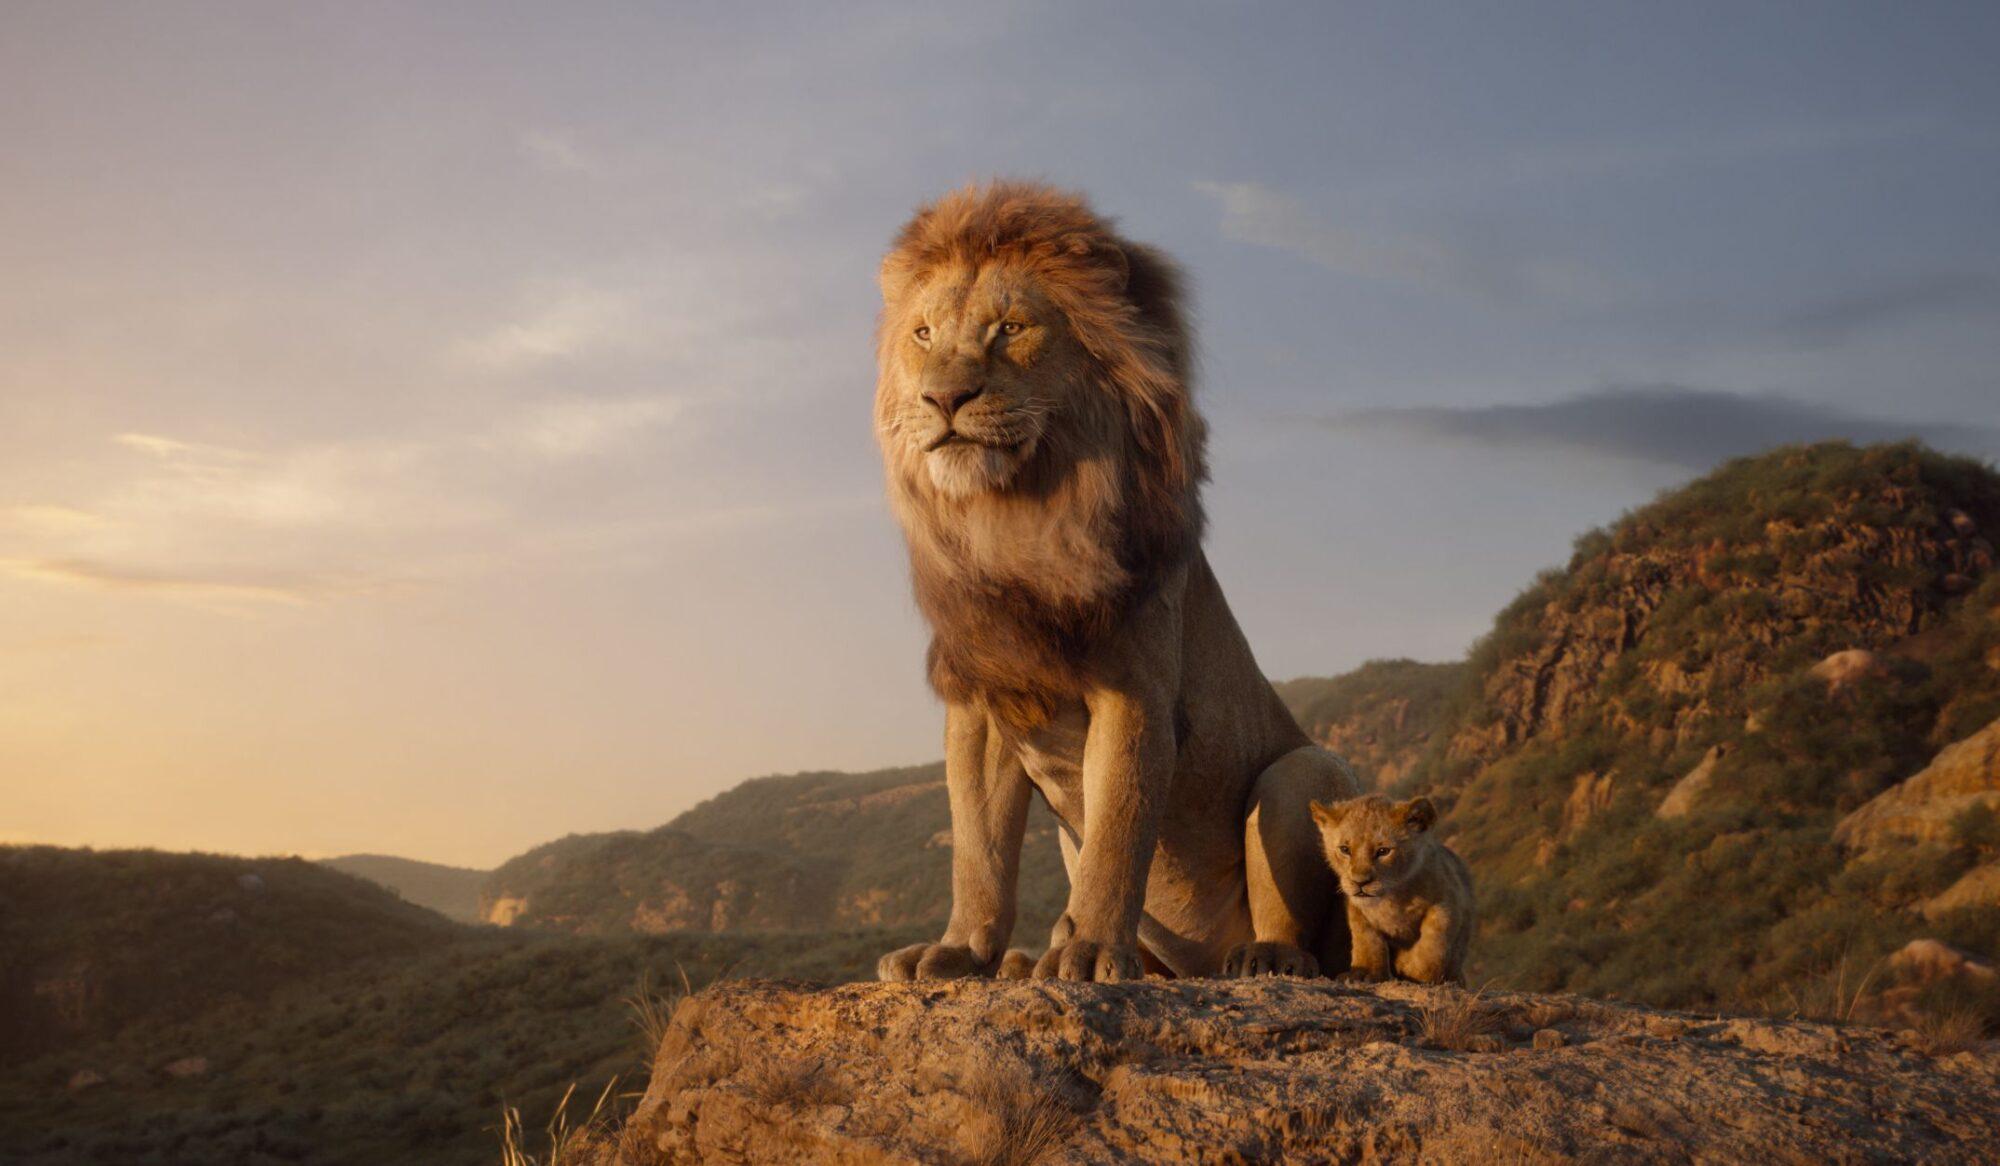 Il Re Leone: in arrivo un sequel diretto dal regista di Moonlight thumbnail